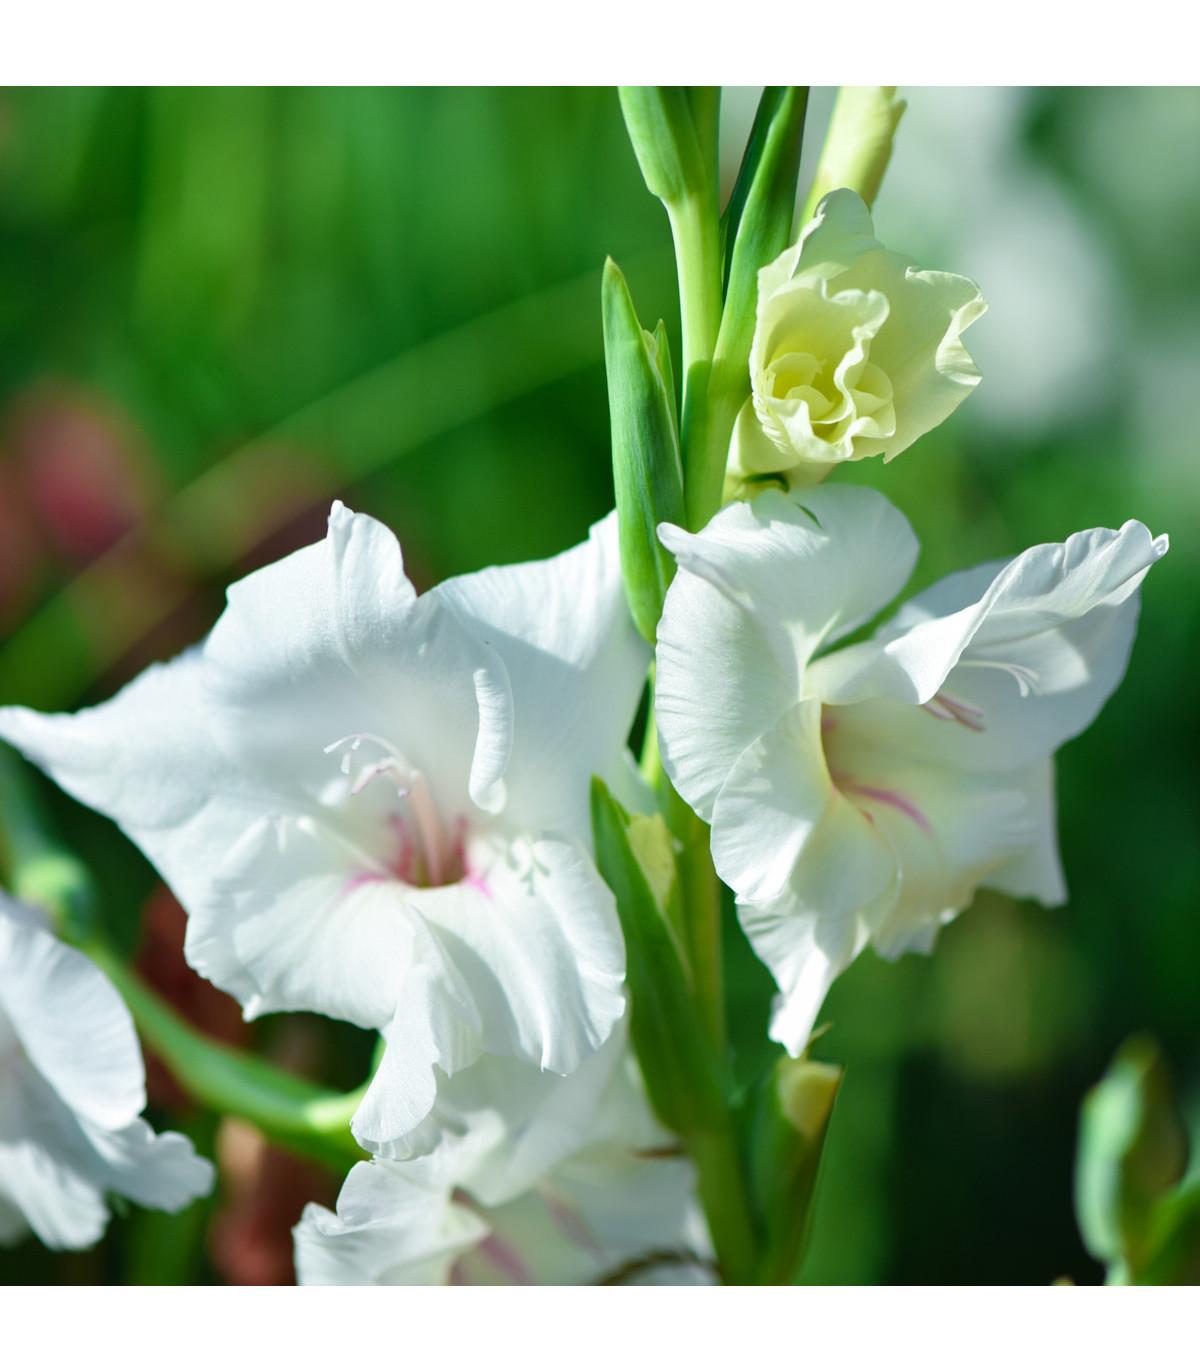 Mečík biely - Gladiolus White Prosperity - gladioly - cibuľoviny - 3 ks